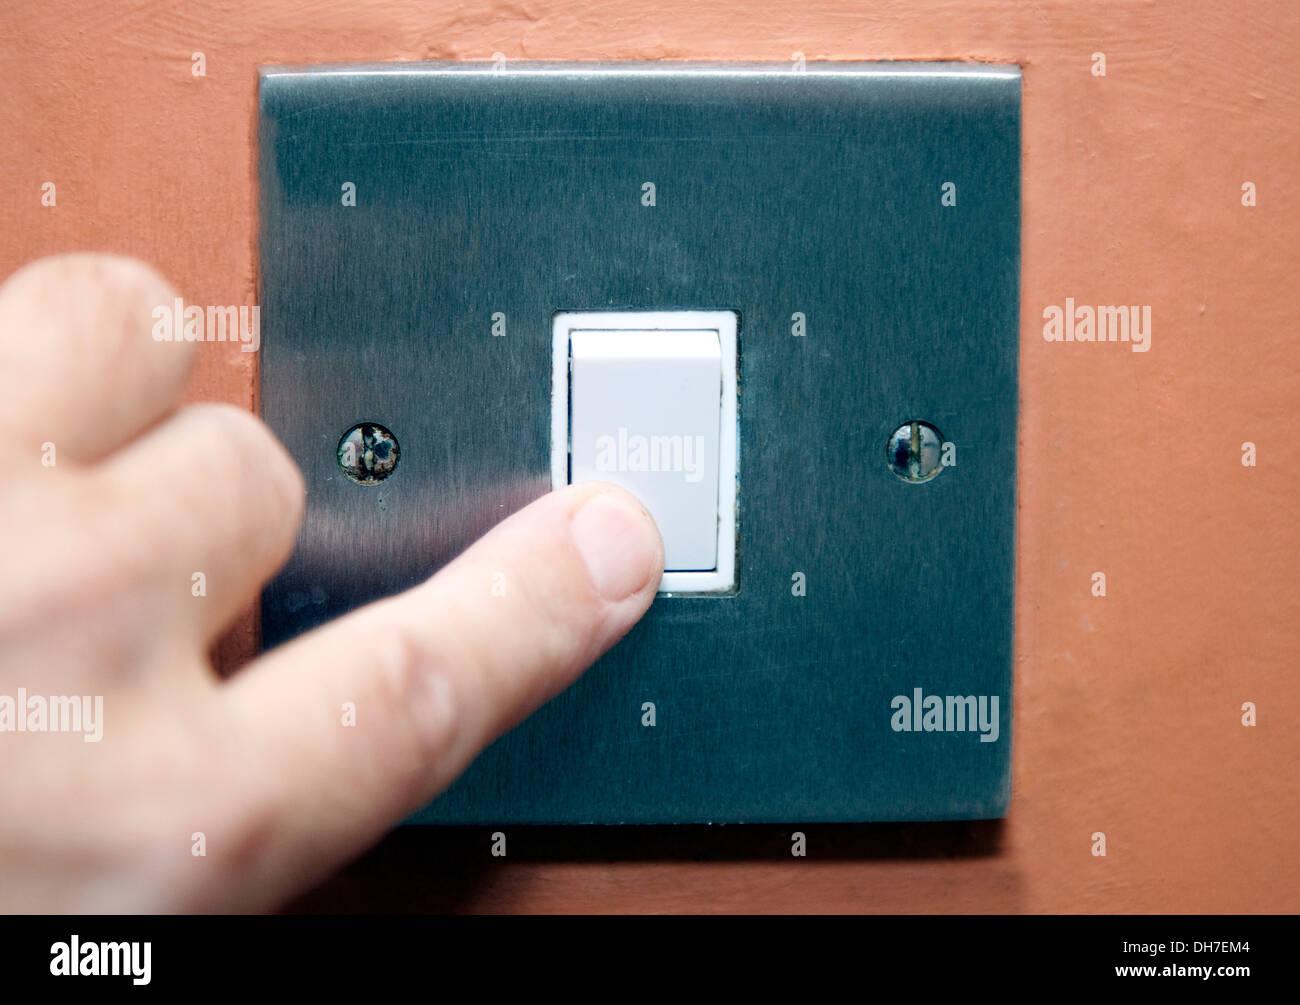 Ein-/ausschalten Lichtschalter im Haus, London Stockfoto, Bild ...